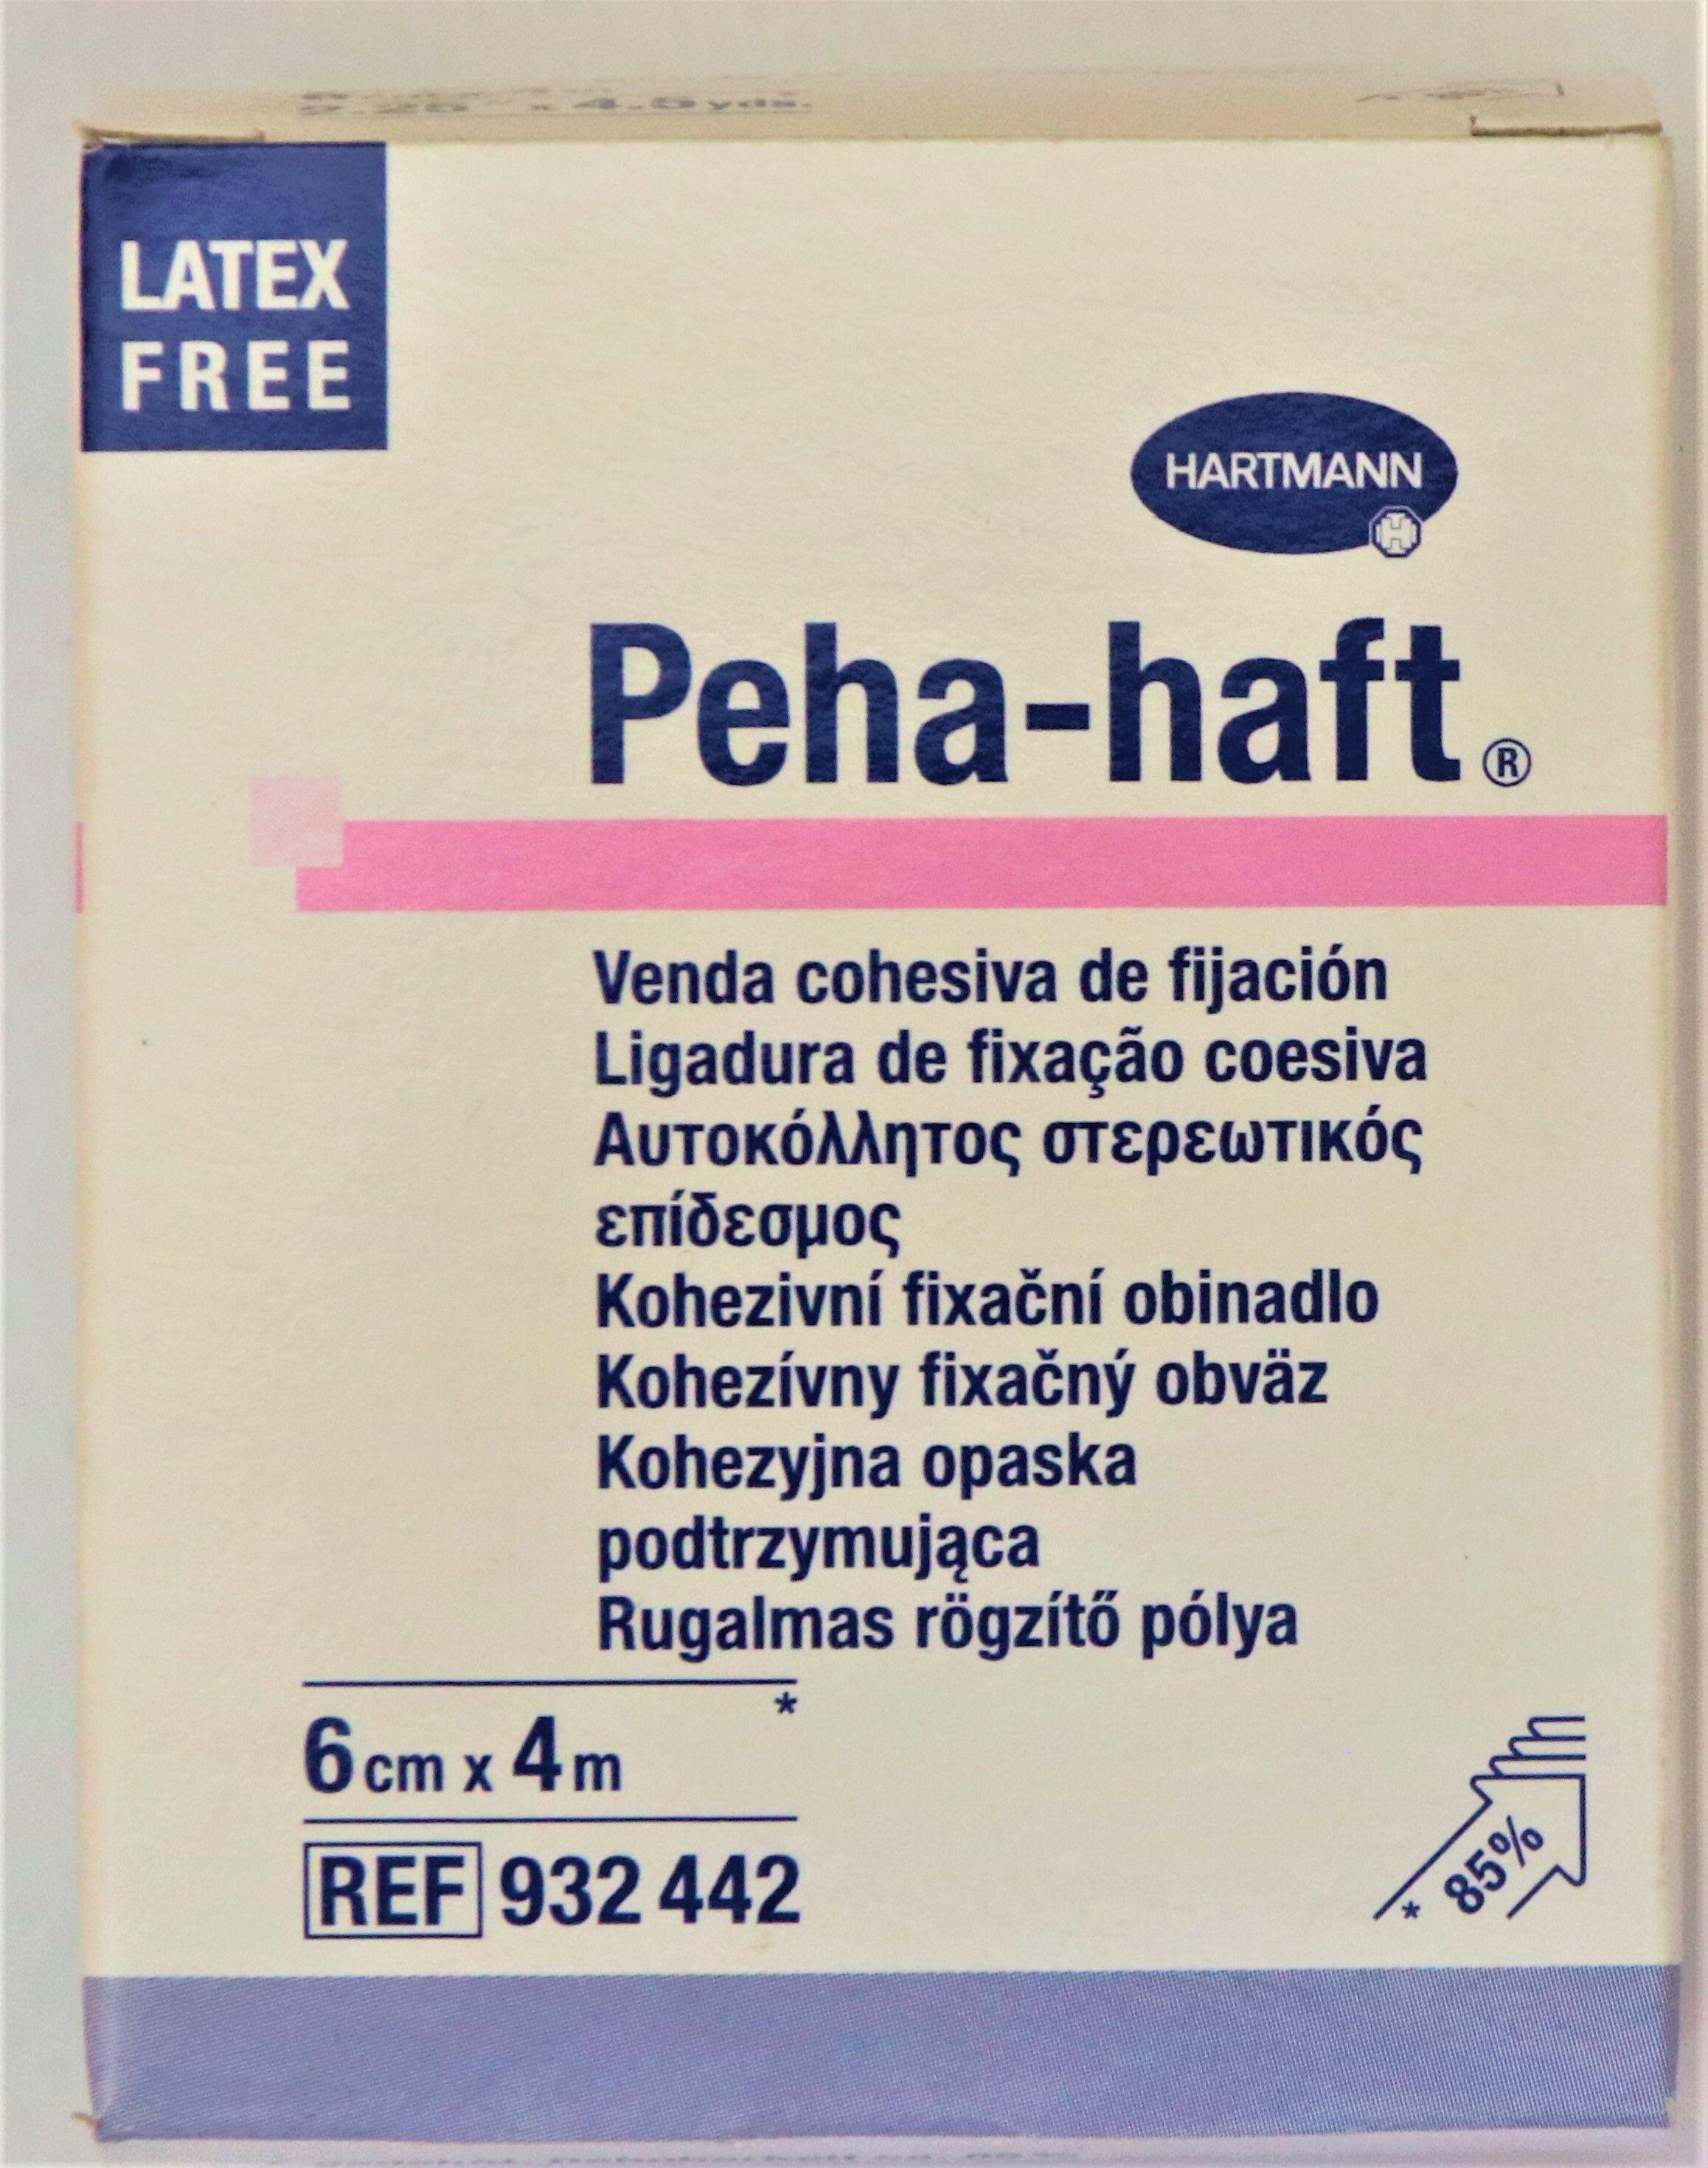 PEHA-HAFT Opaska elastyczna podtrzymująca 6cm x 4m x 1 sztuka